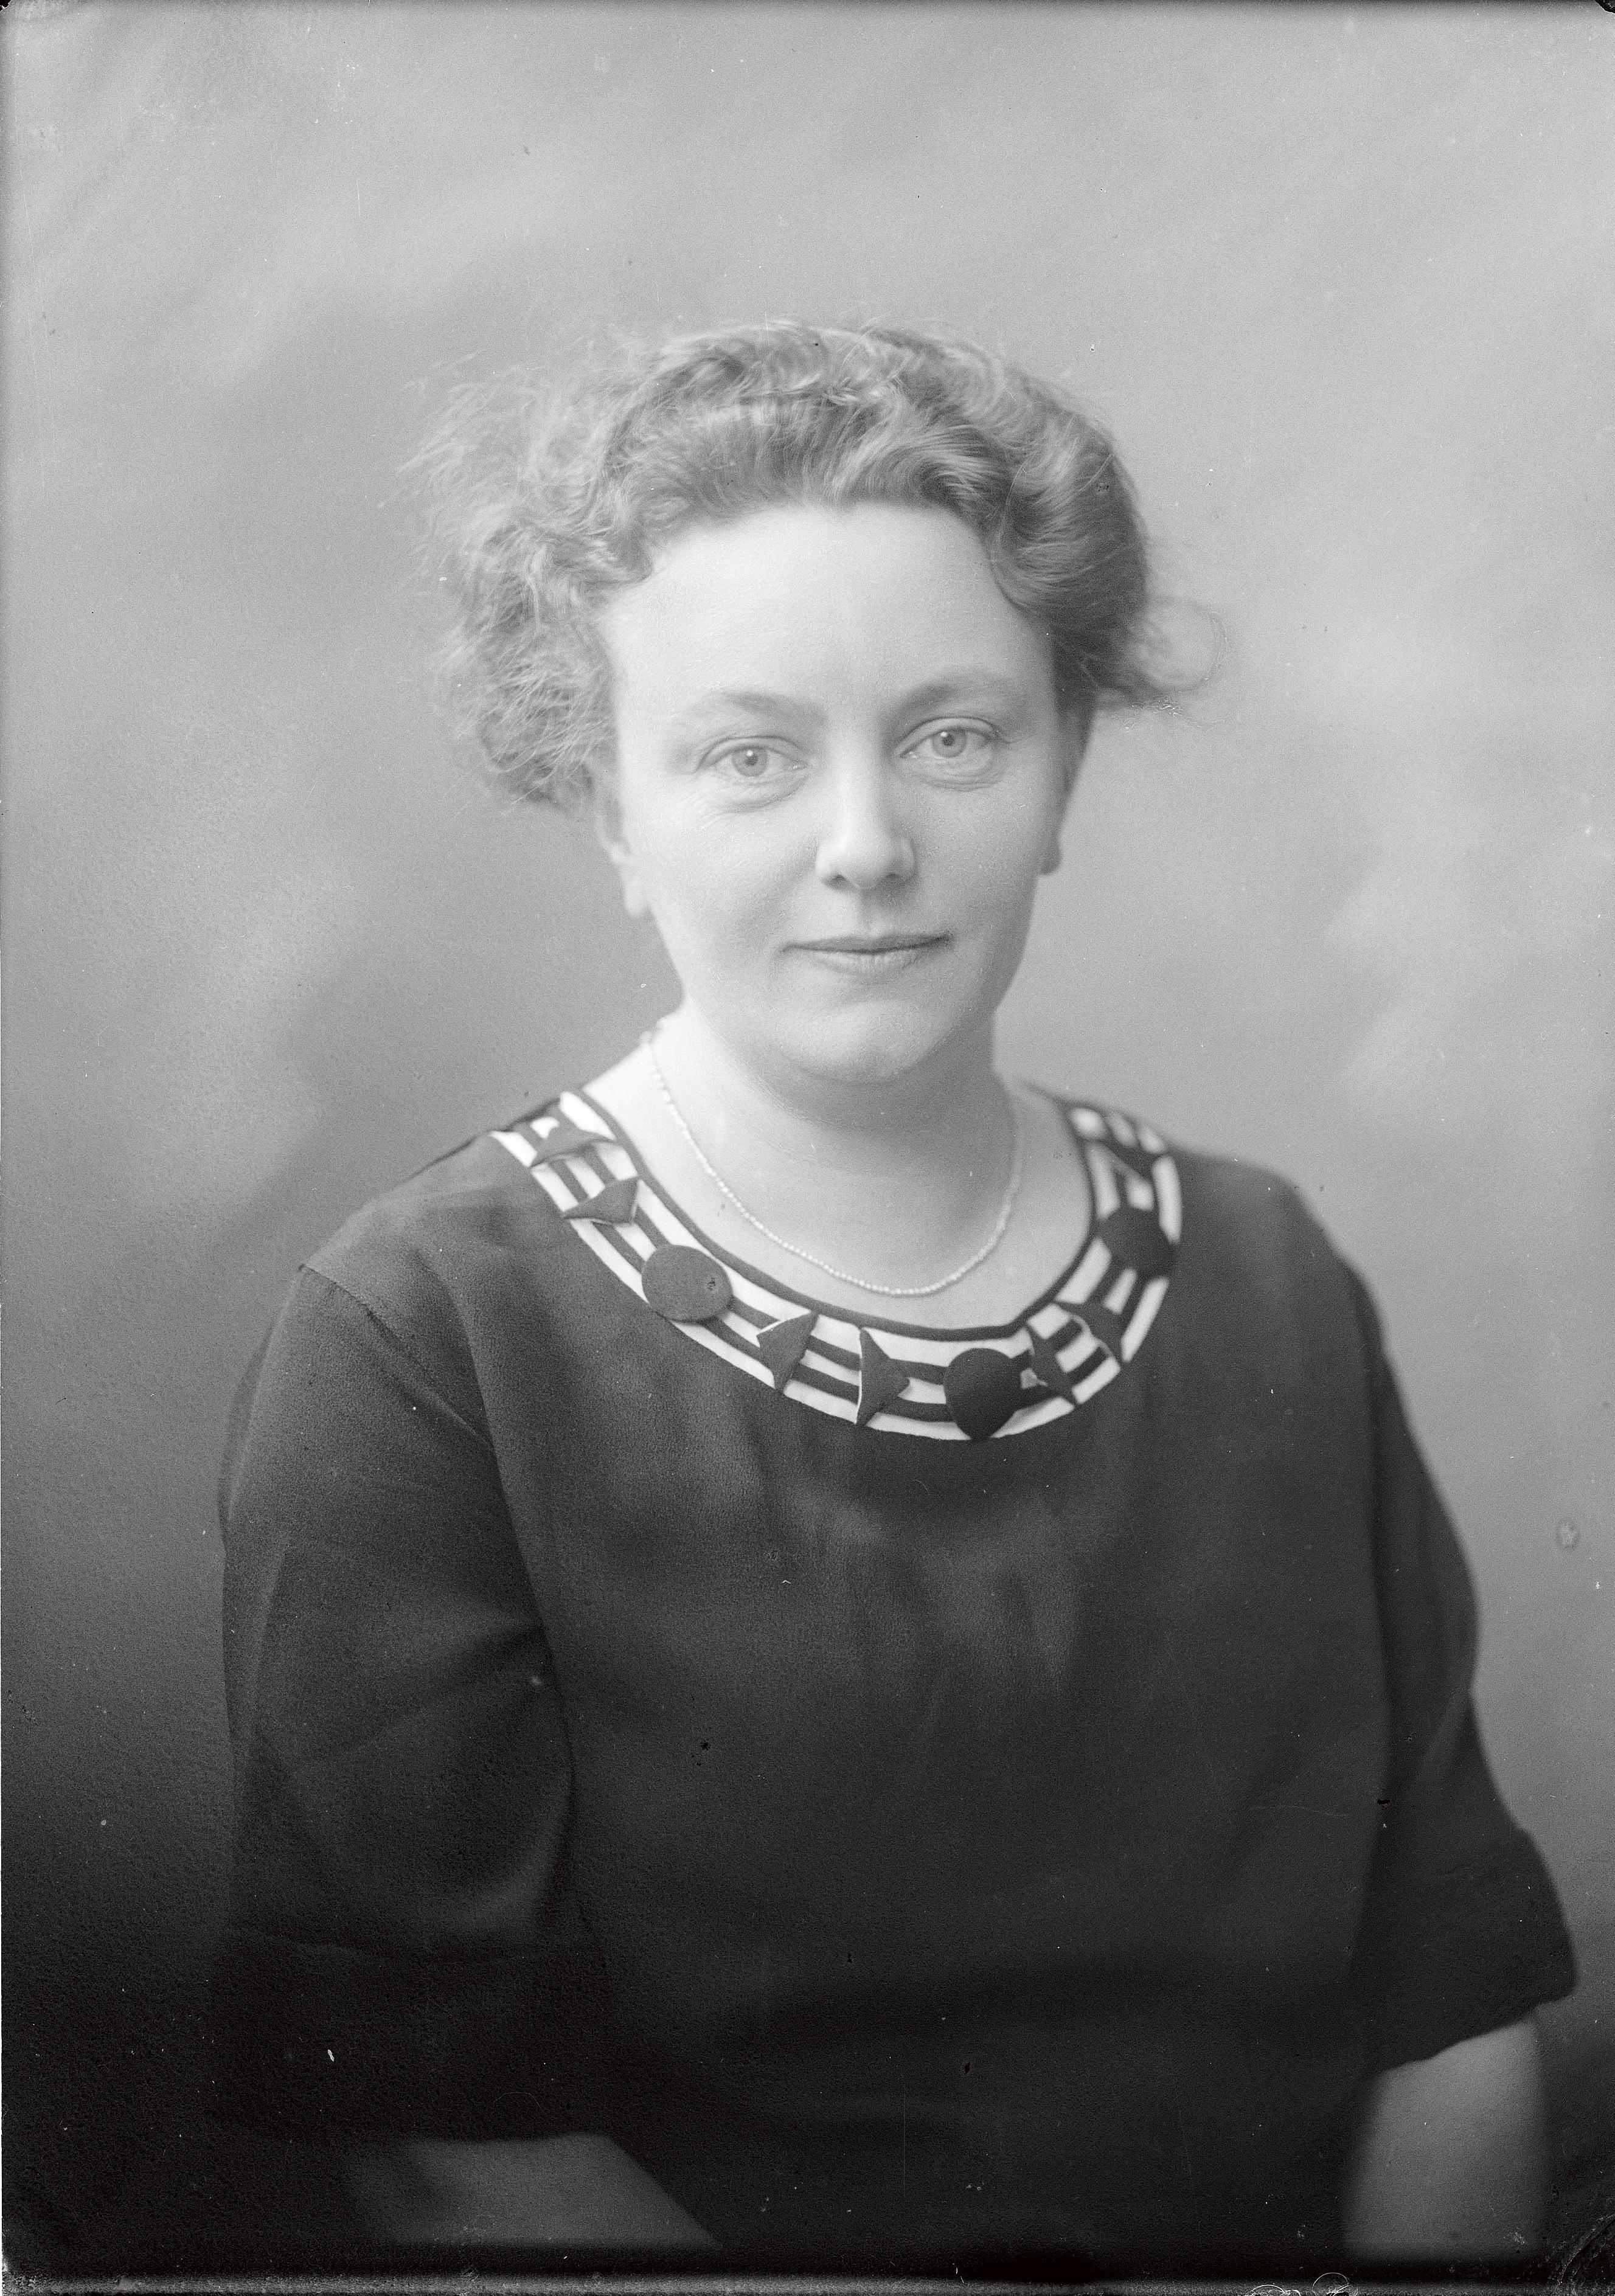 Anna Alin-Bosson, 1922. Photo: Per Bagge (1866-1936). Lund University Libraries, 65325:1